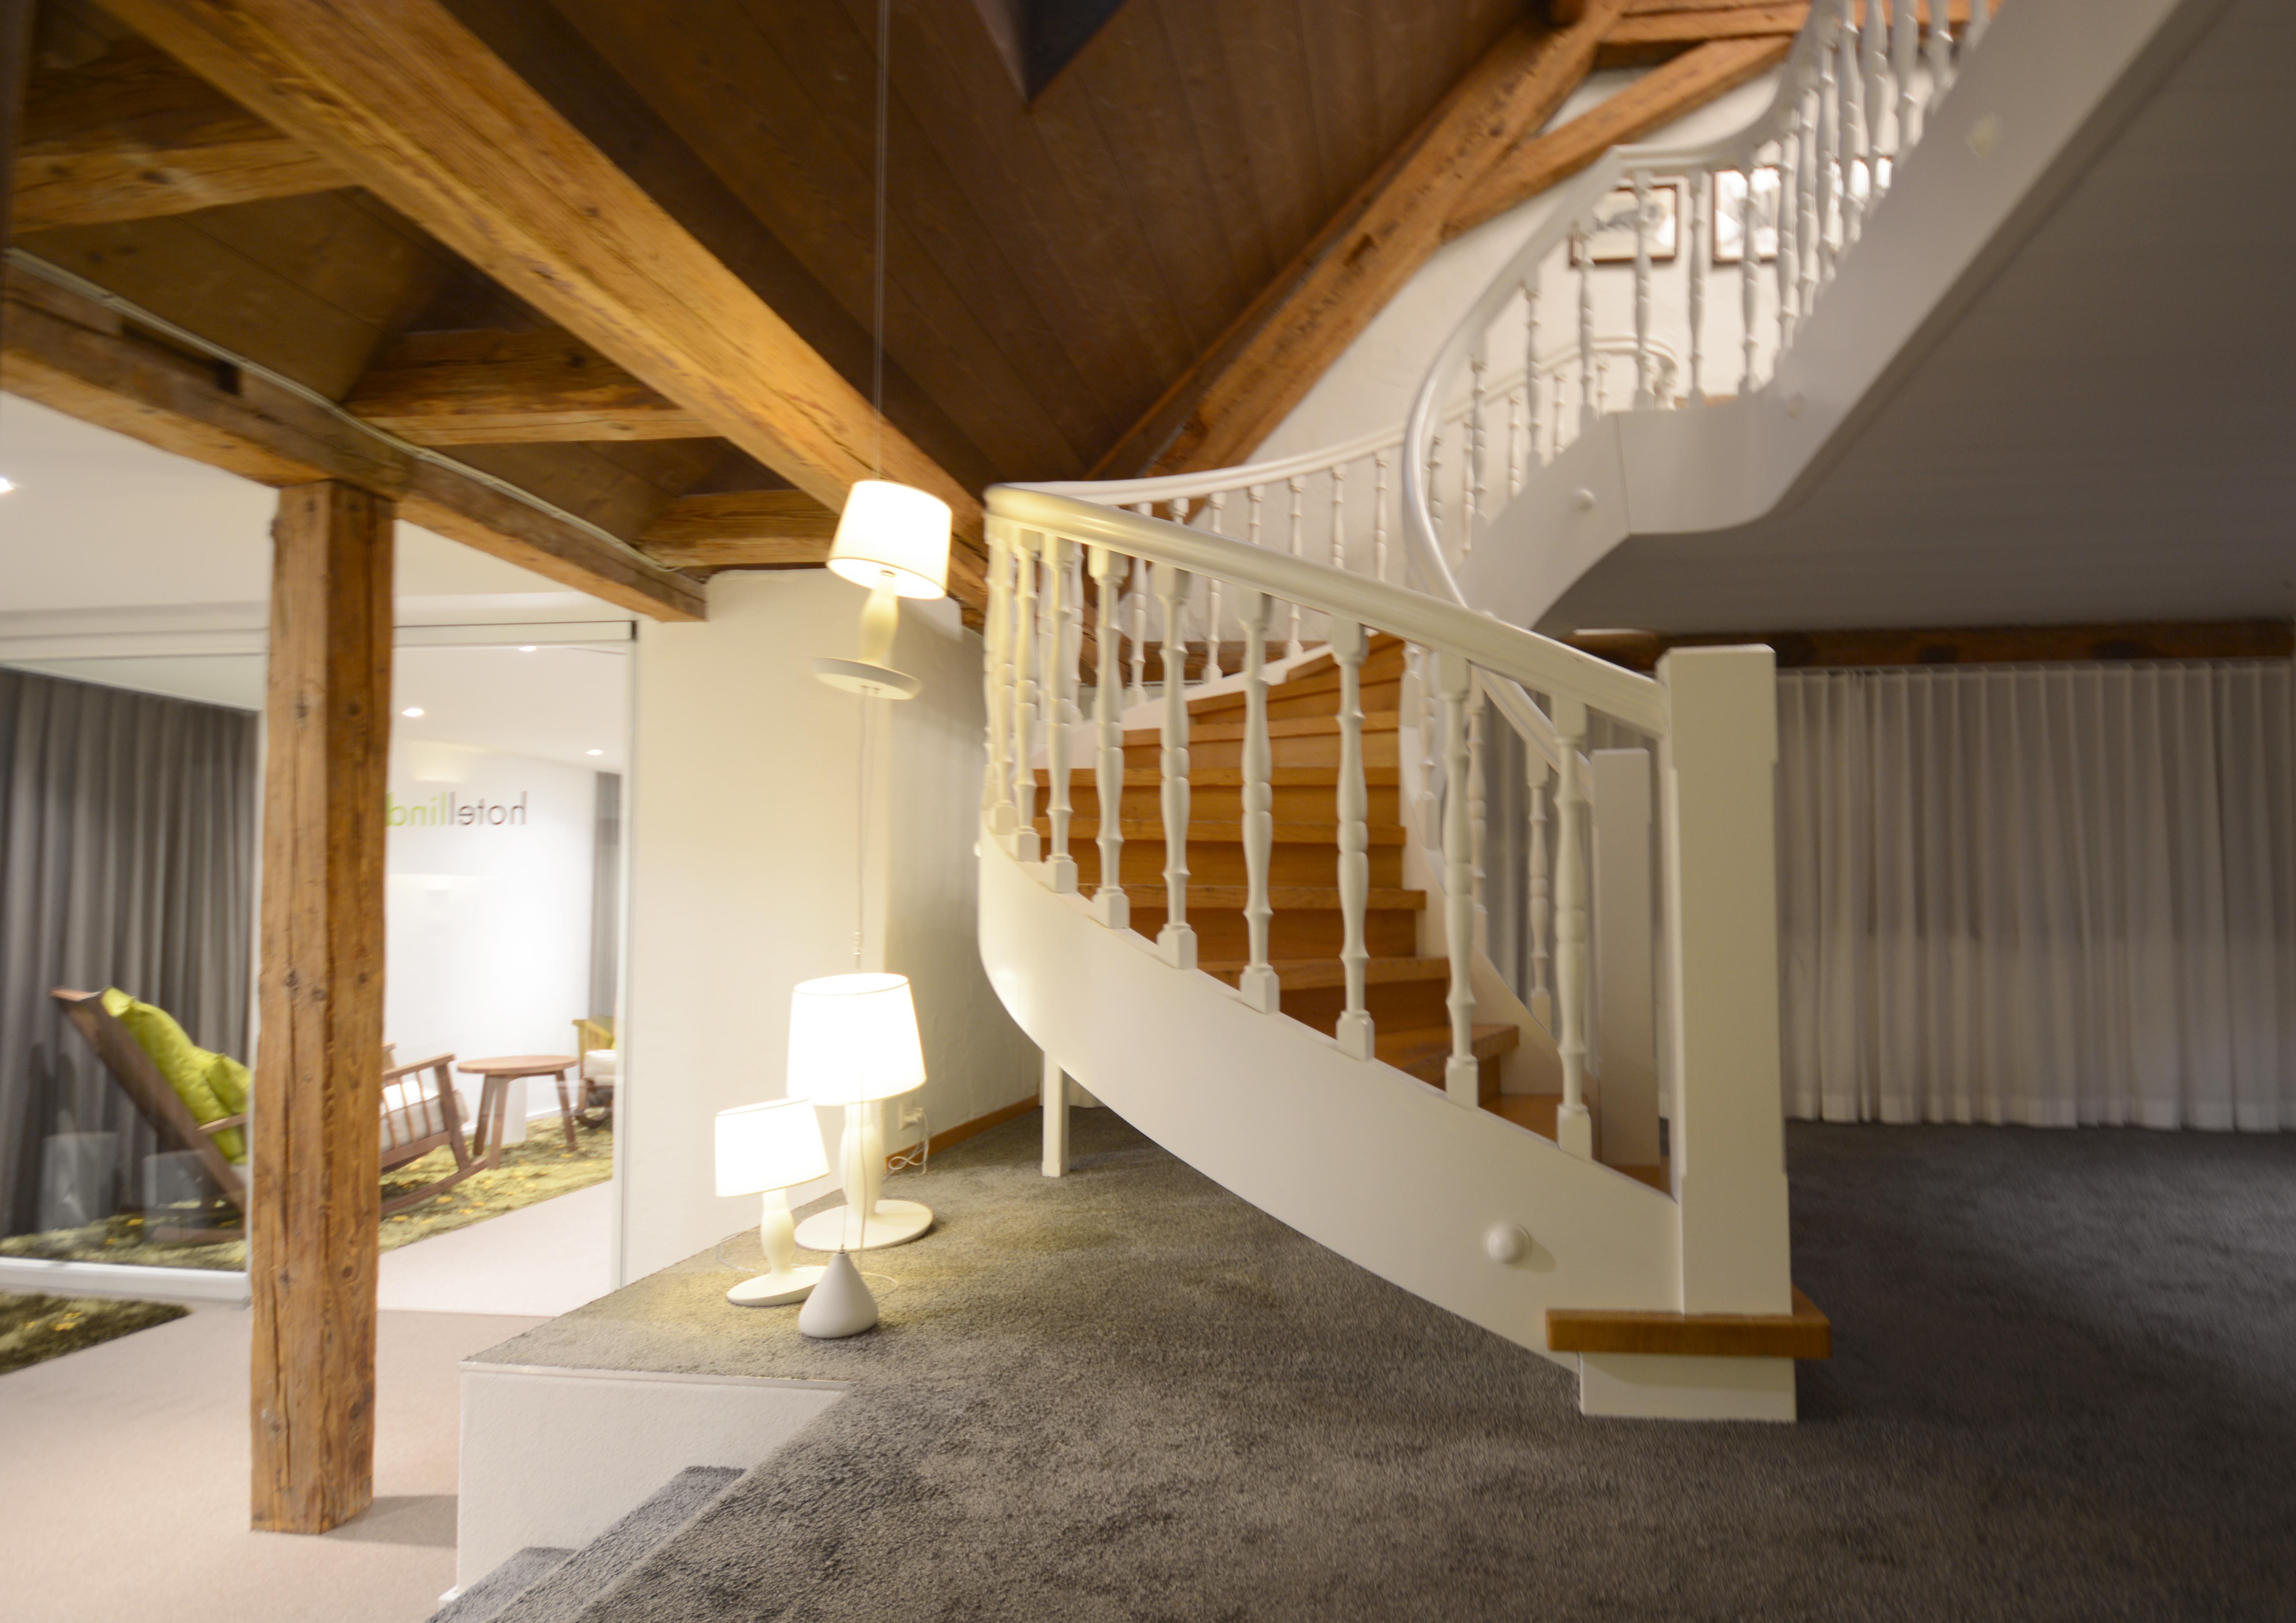 innenarchitektur von der linde – dogmatise, Innenarchitektur ideen